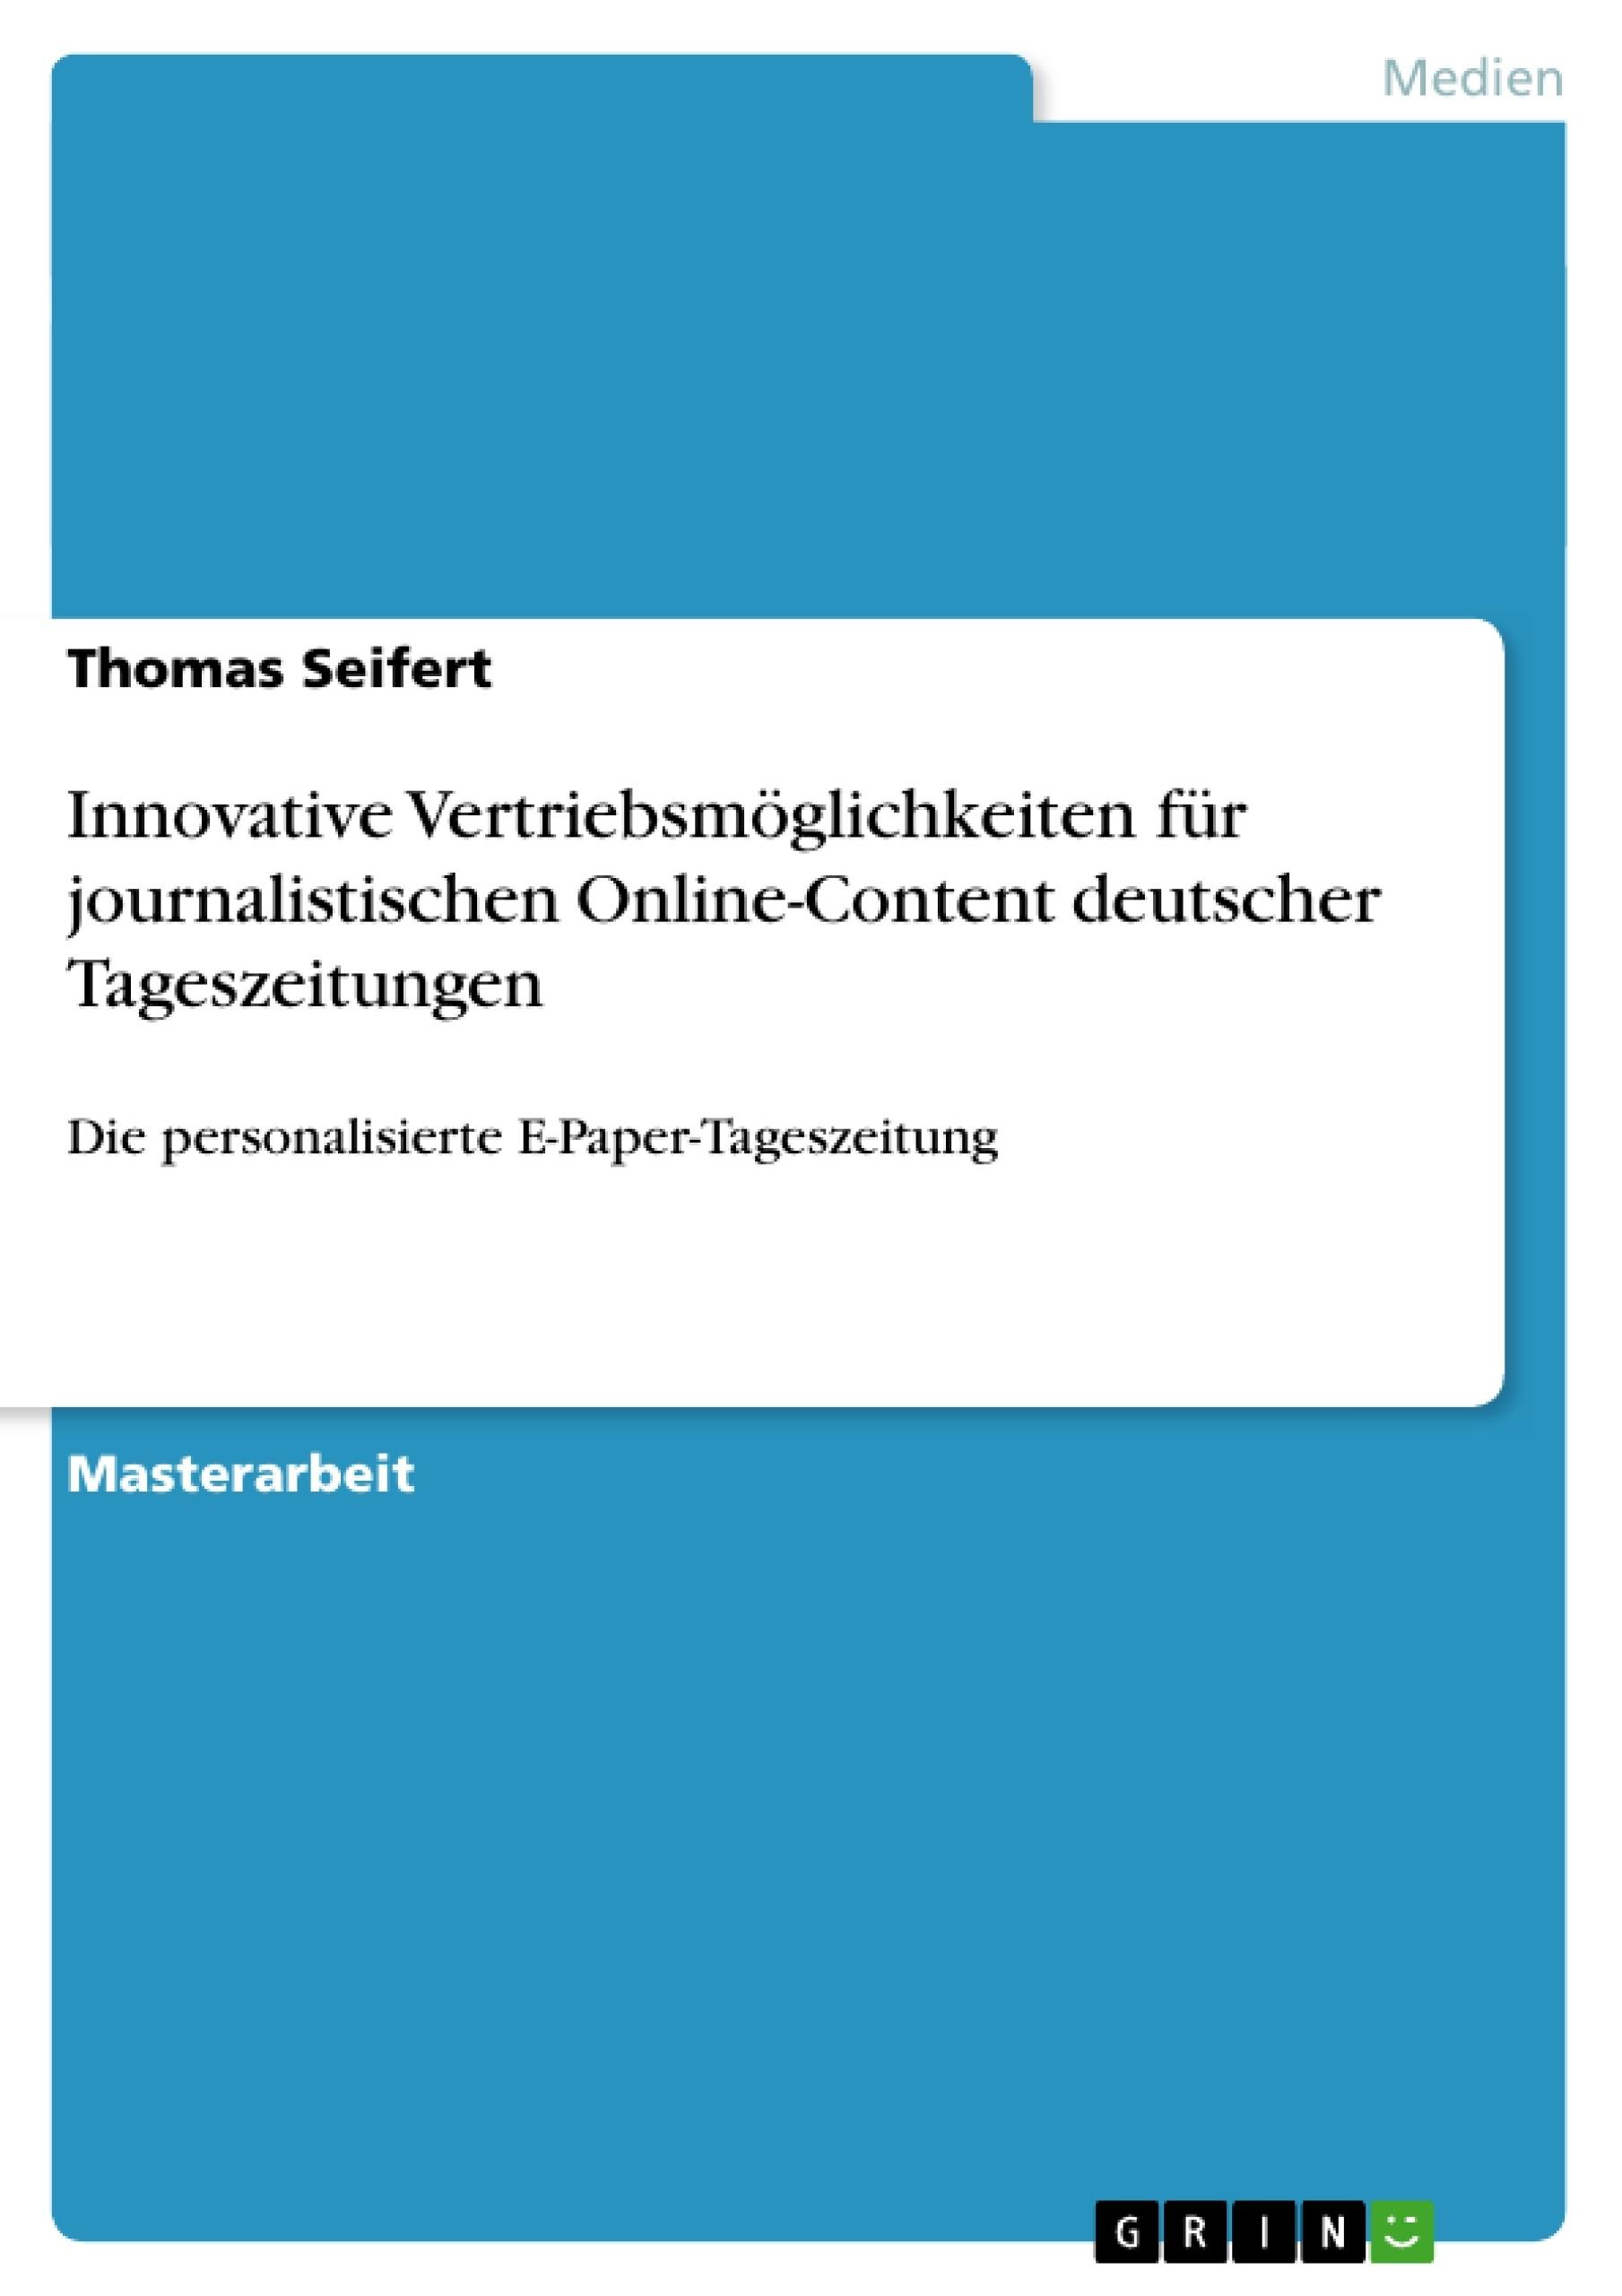 Titel: Innovative Vertriebsmöglichkeiten für journalistischen Online-Content deutscher Tageszeitungen